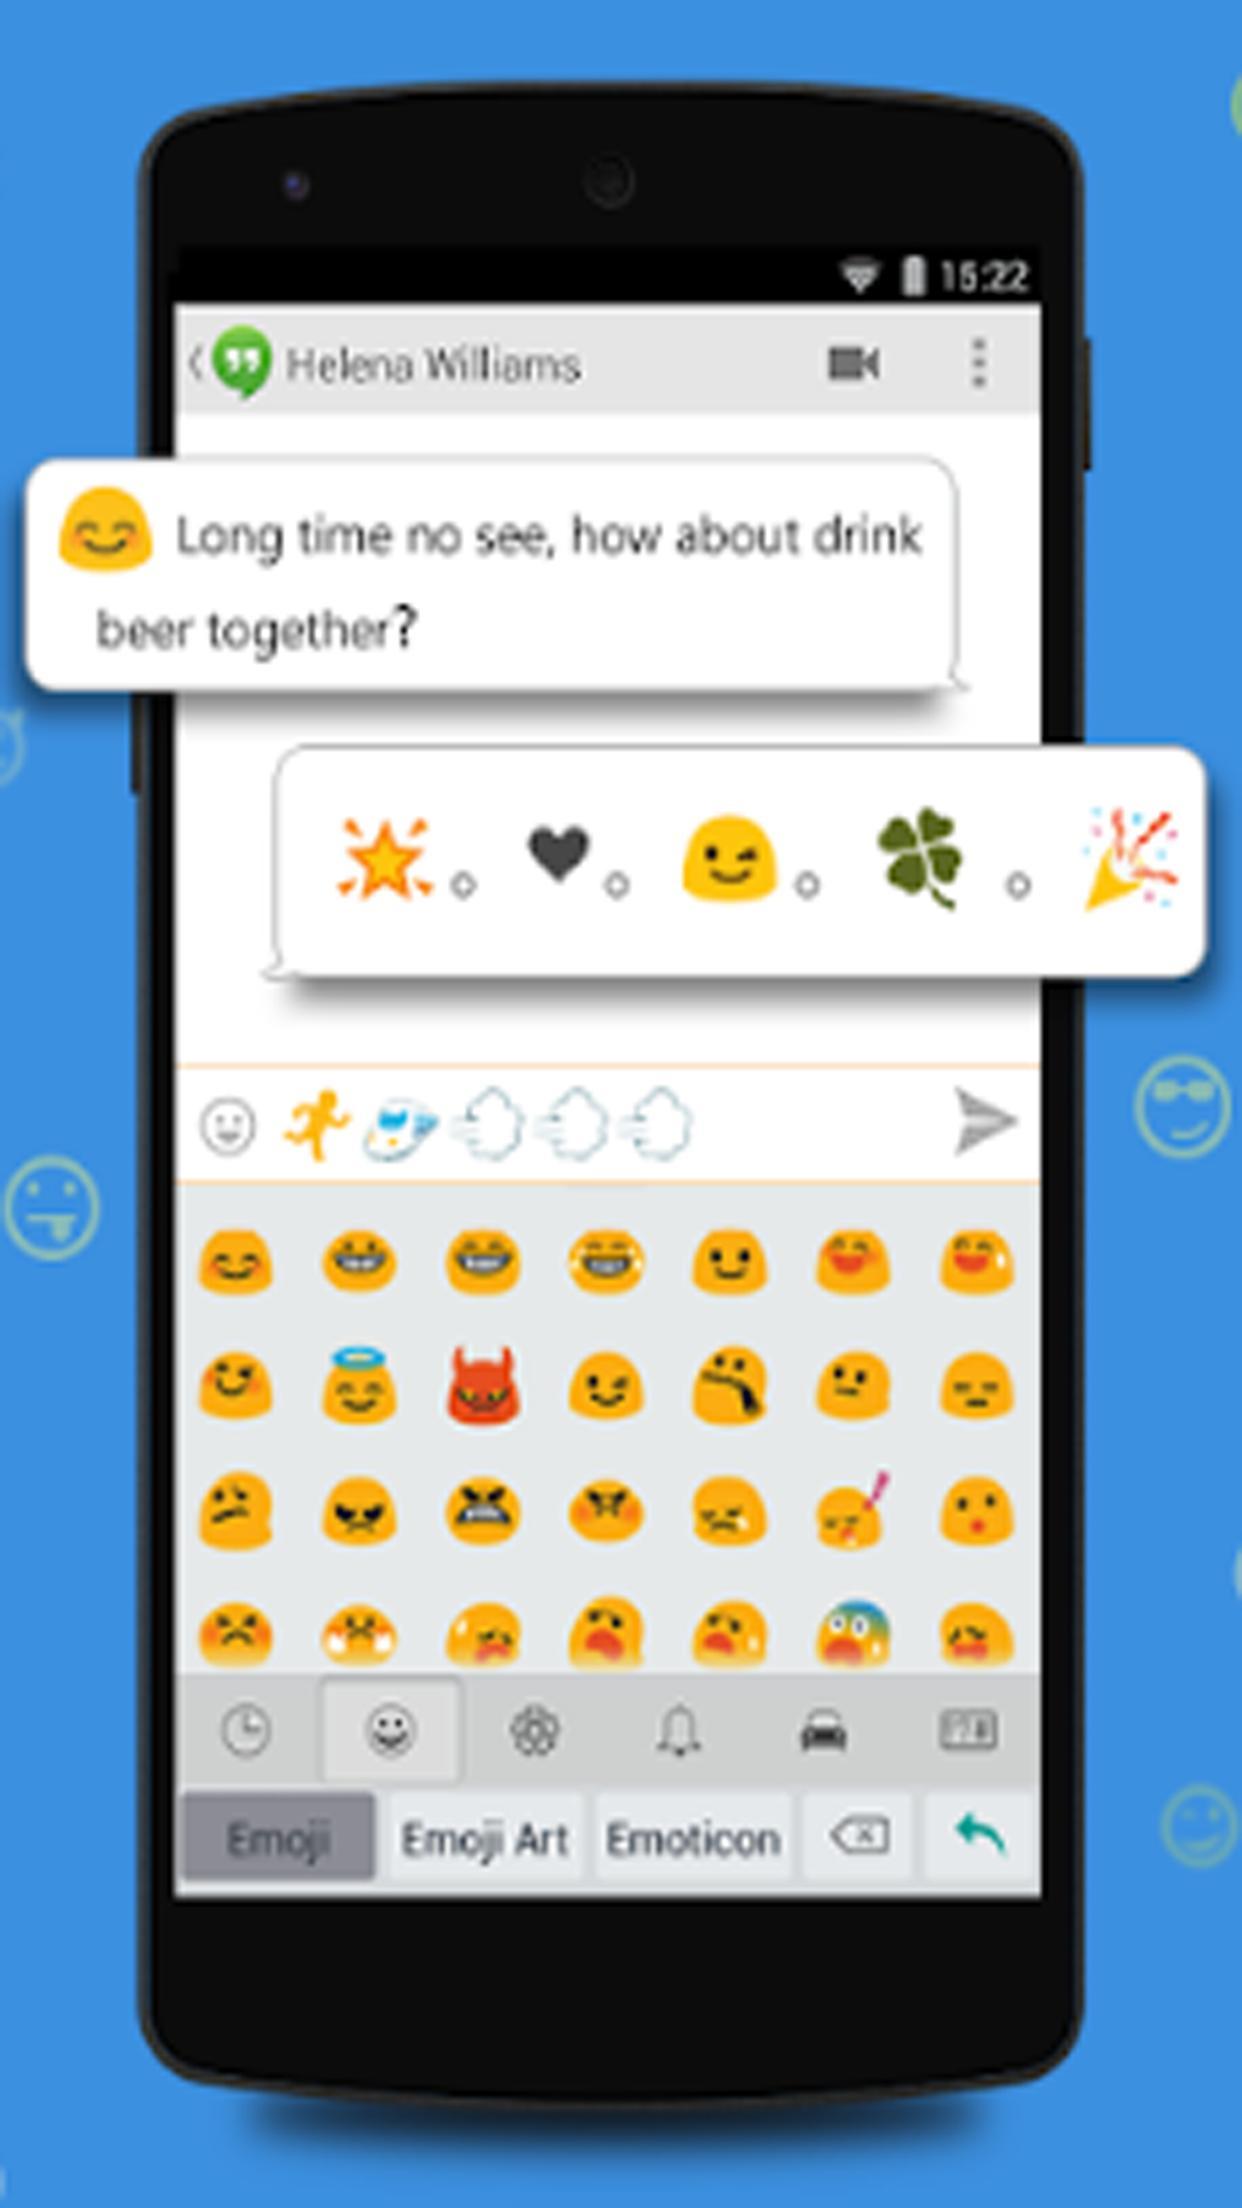 Nouveau Clavier Russe 2018: App Clavier Russe Pour Android avec Clavier Russe En Ligne